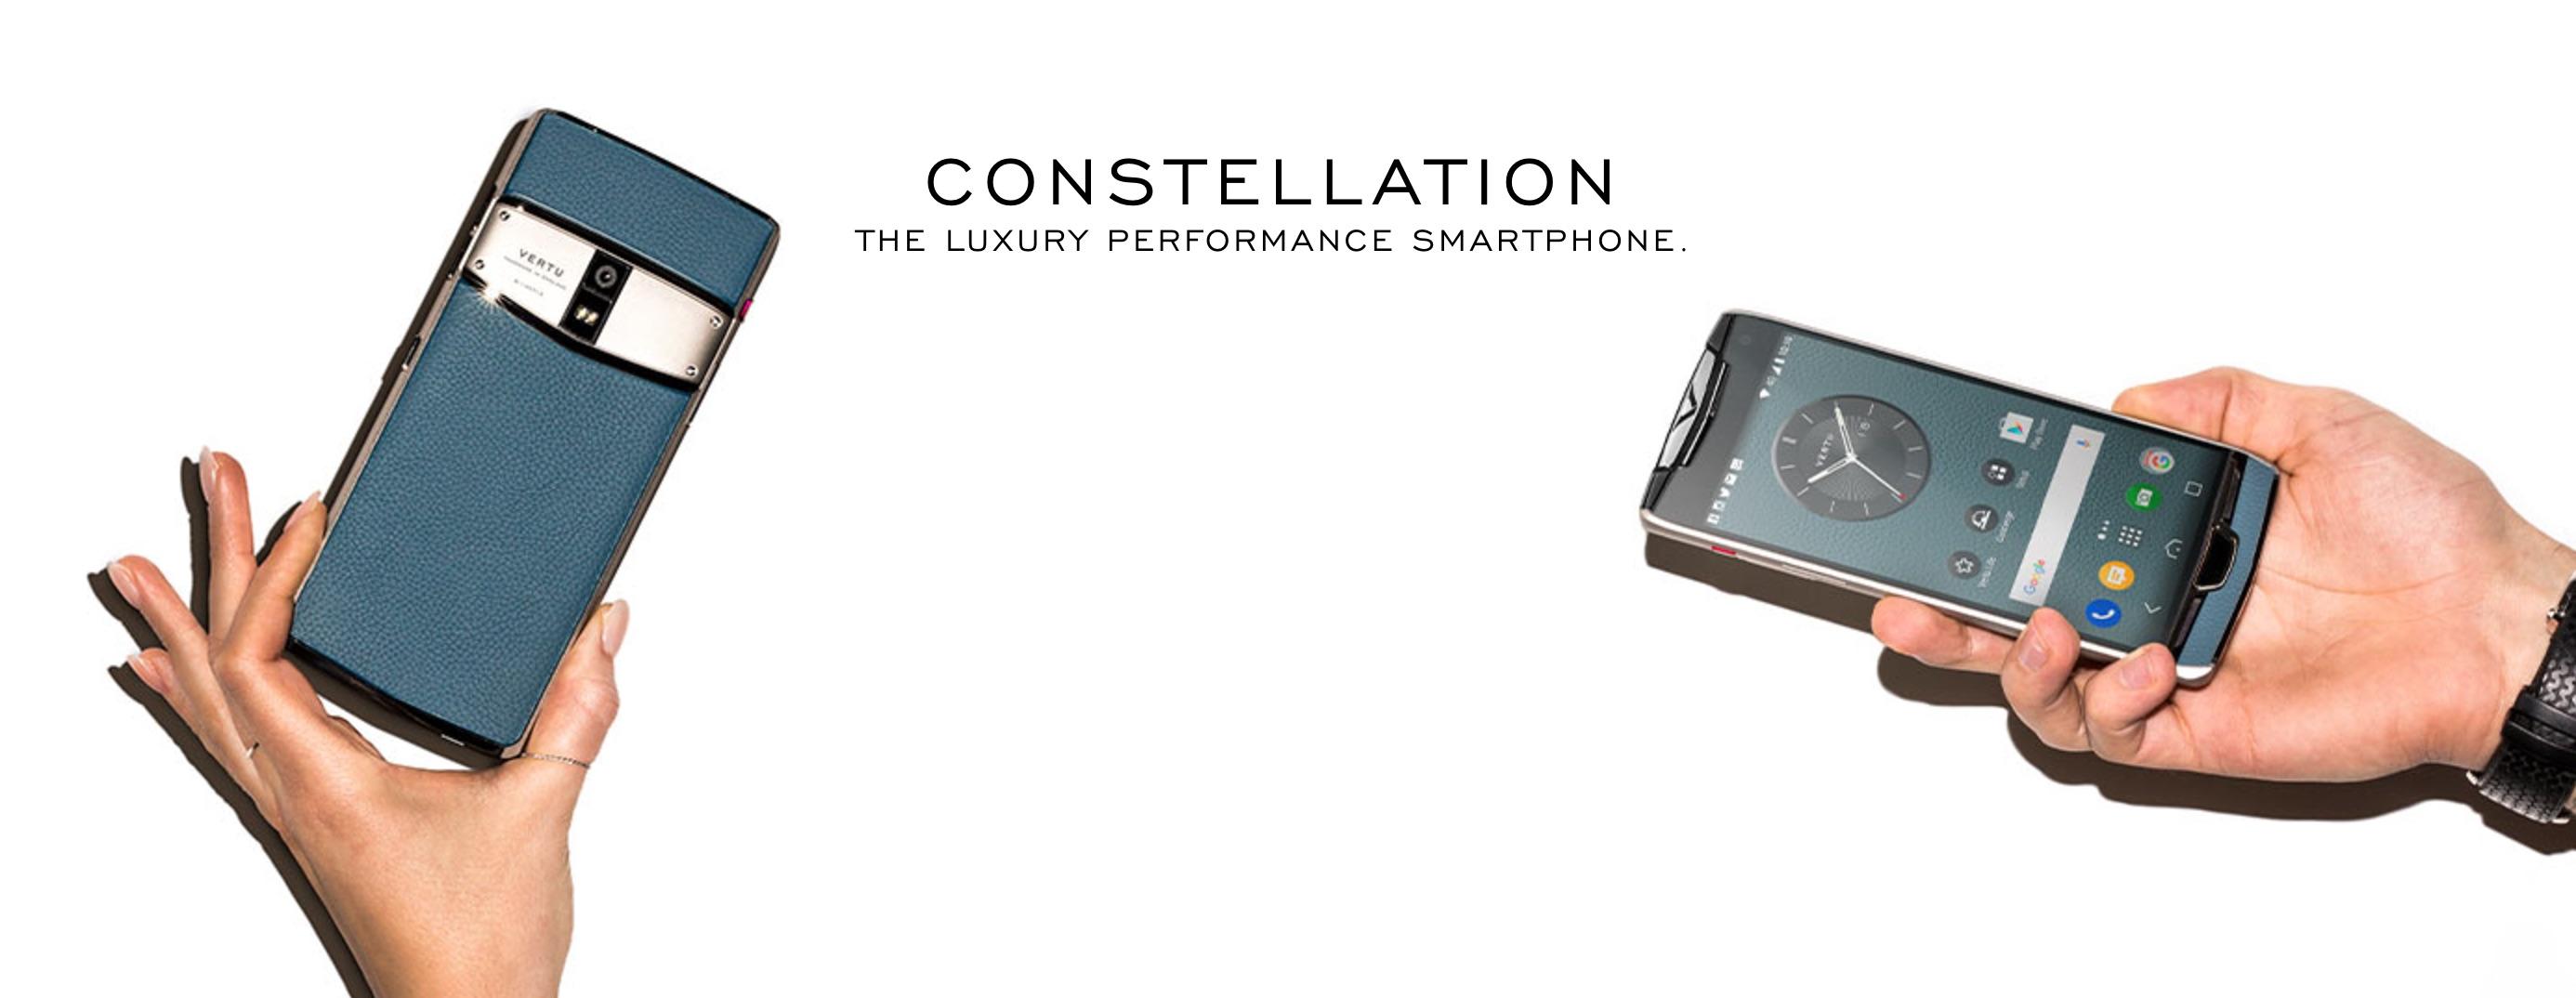 Vertu Constellation 3